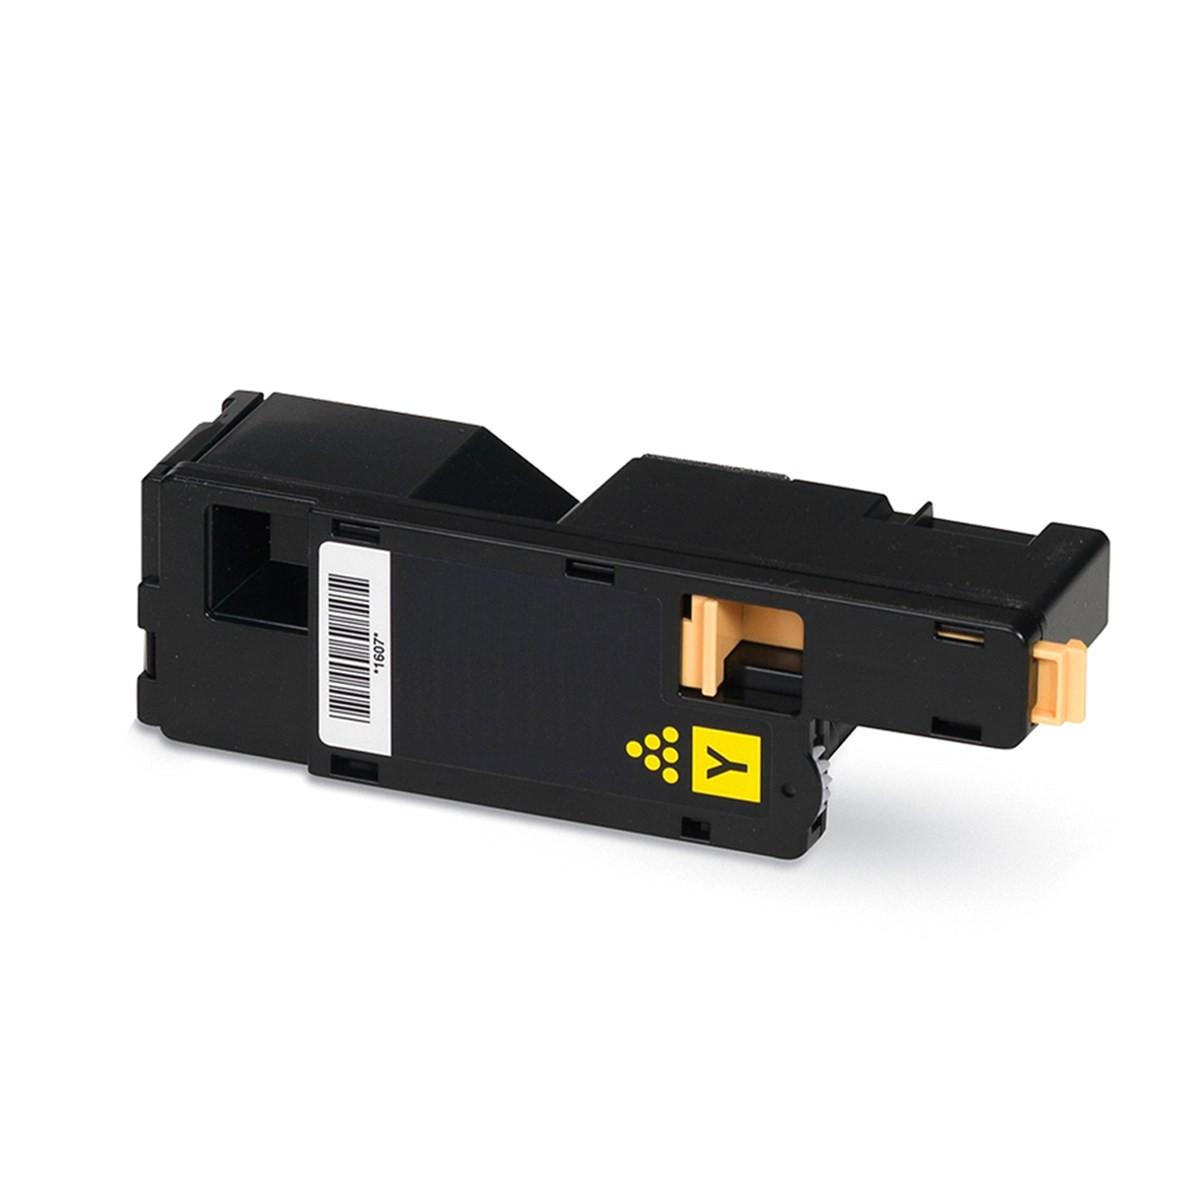 Toner Compatível com Xerox Phaser 6000 6010 6015 | 106R01633 Amarelo | Premium 1k